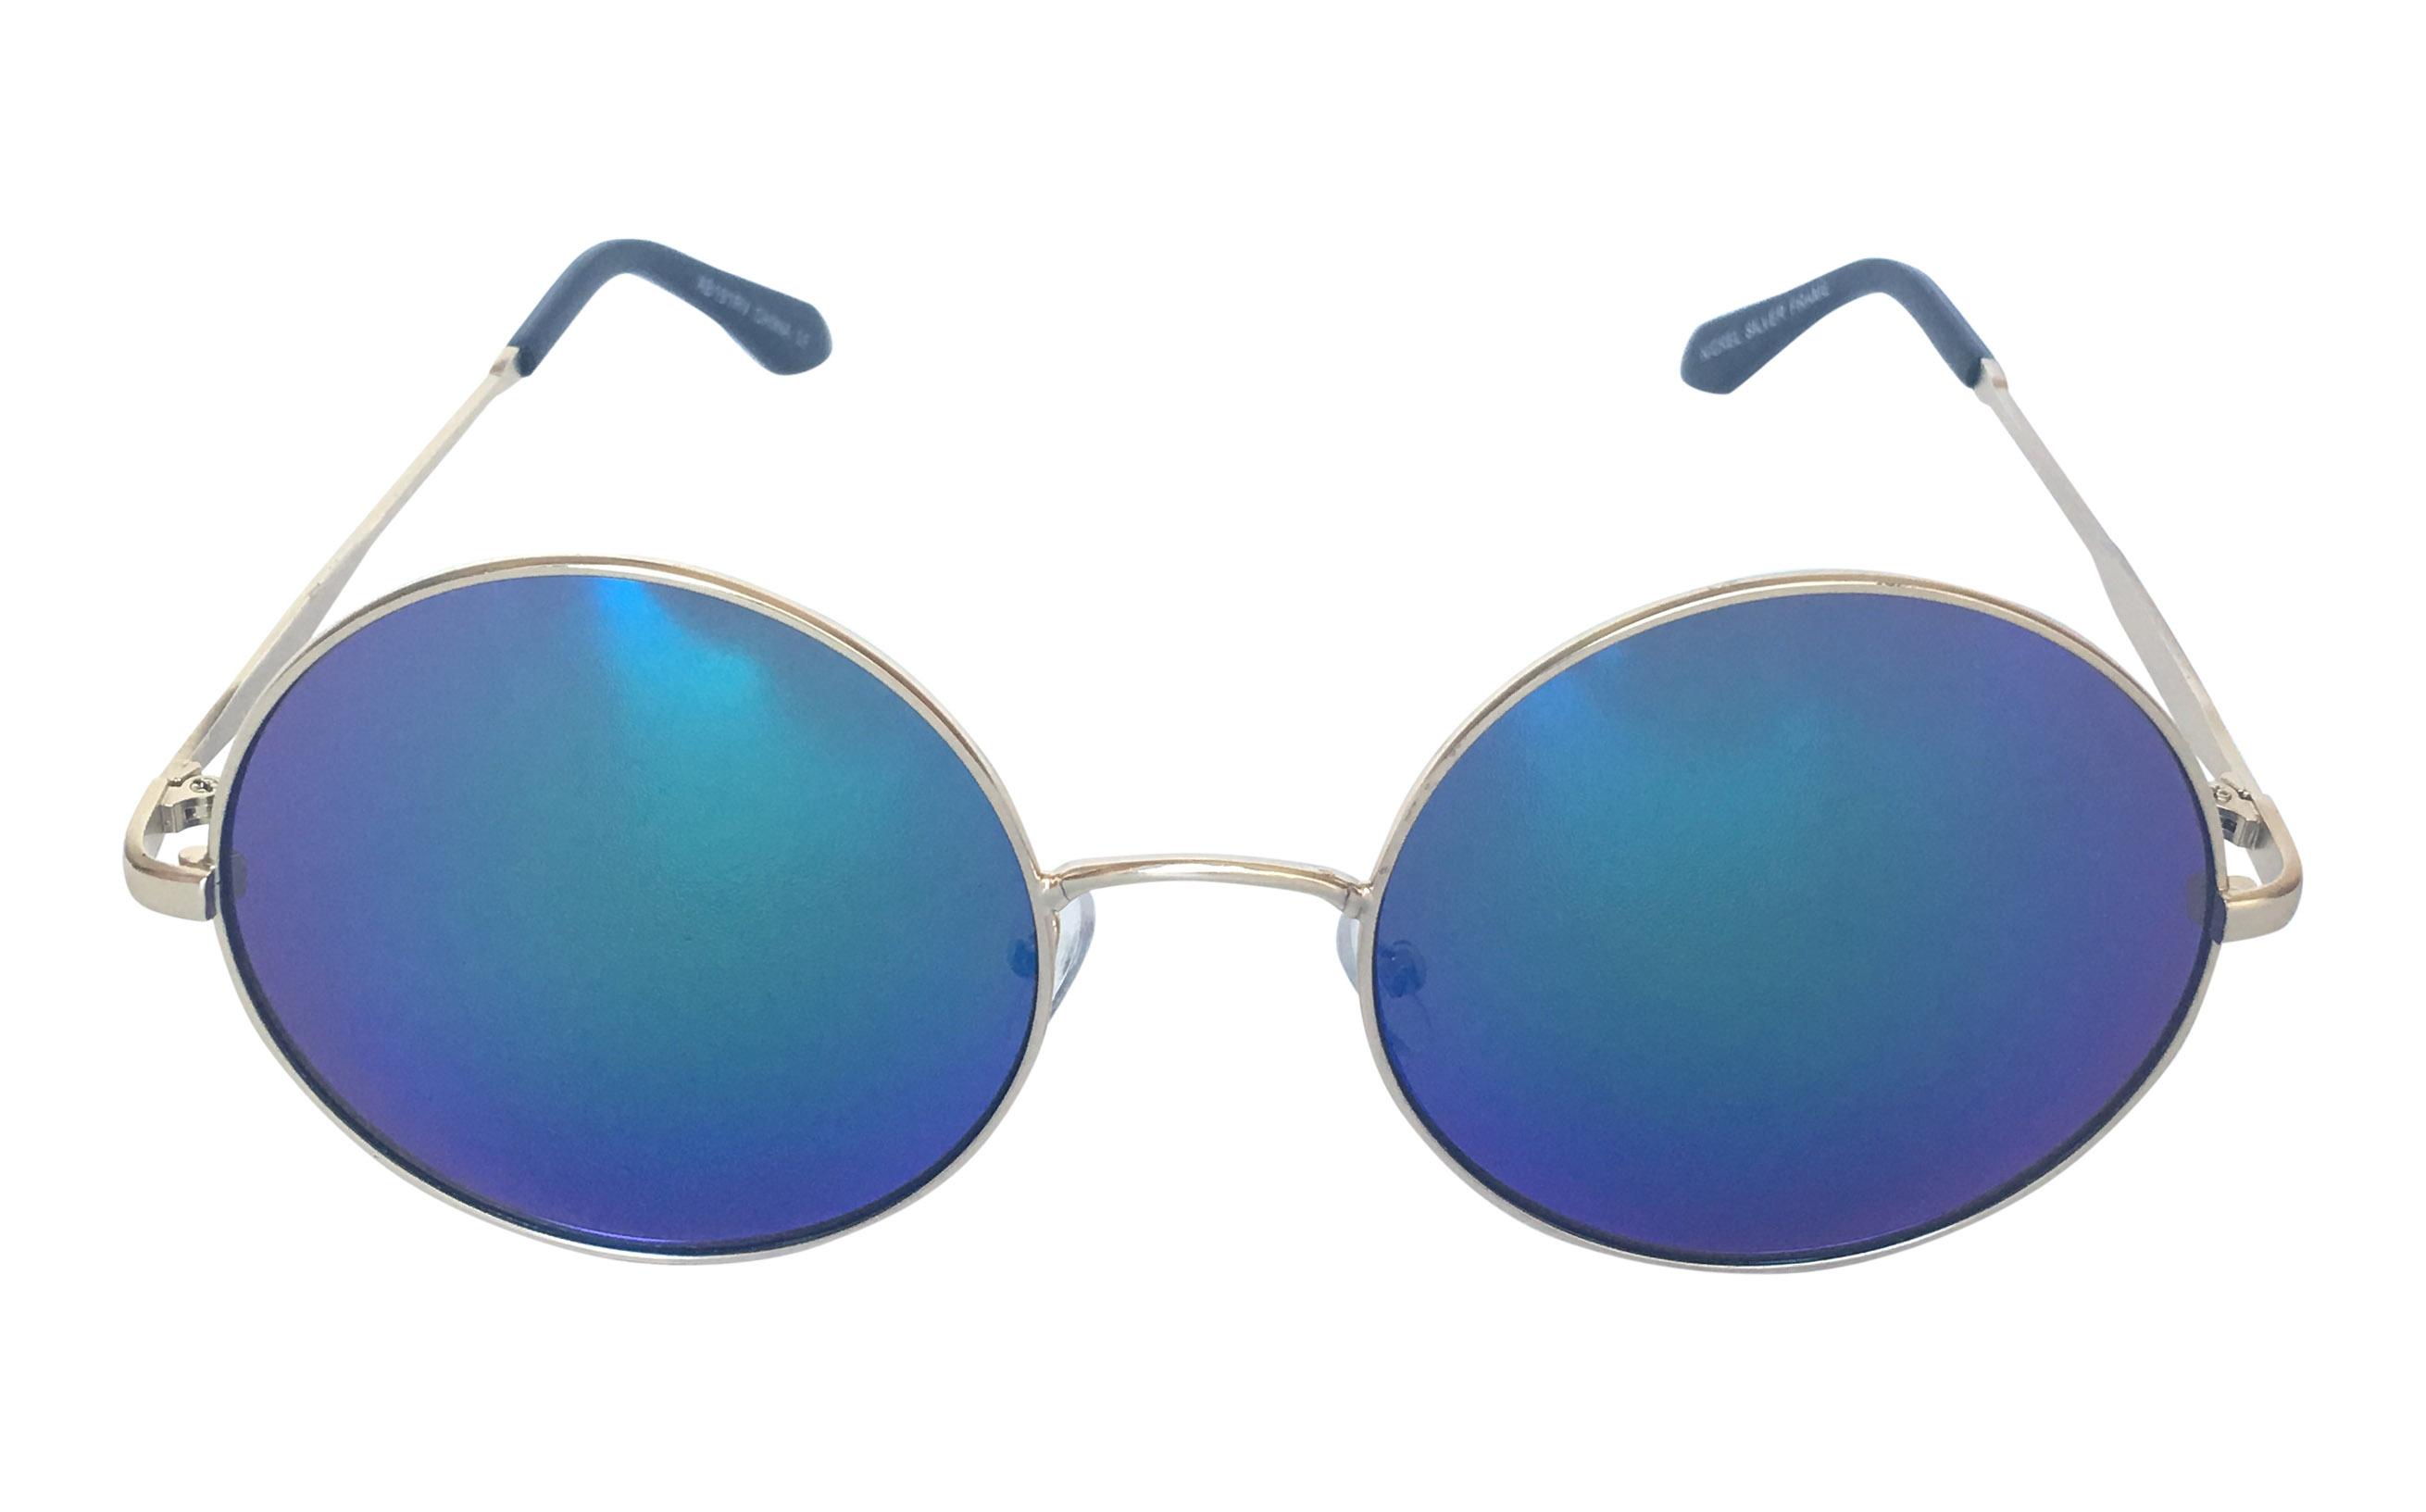 6fc1755ce Runde solbriller i mange slags. Lennon klar eller solbrille. Køb her.